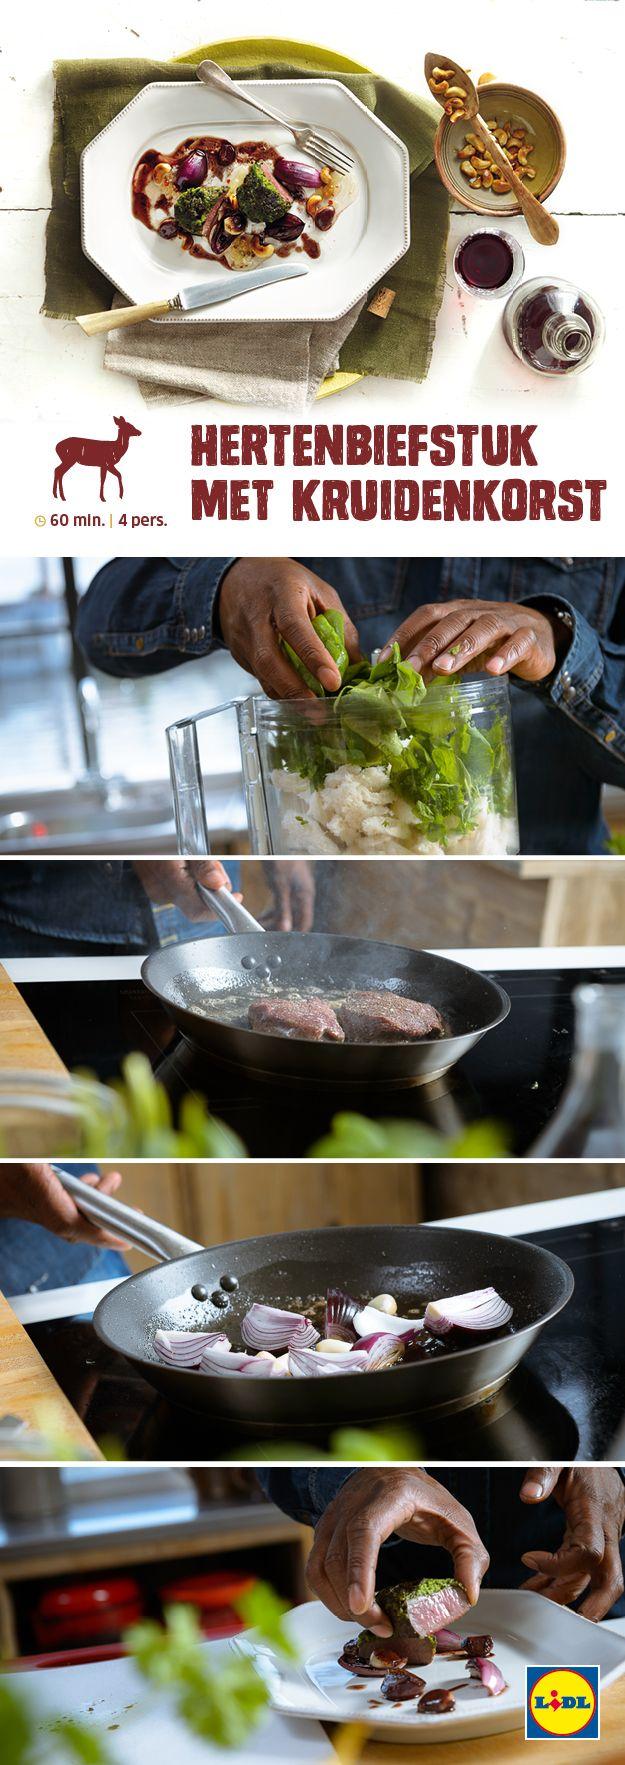 Deze hertenbiefstuk met een kruidenkorst is gemakkelijk zelf te bereiden! Meer Wild & Wijn recepten ontdekken? Kijk op www.lidl.nl #wildenwijn #wijn #Lidl